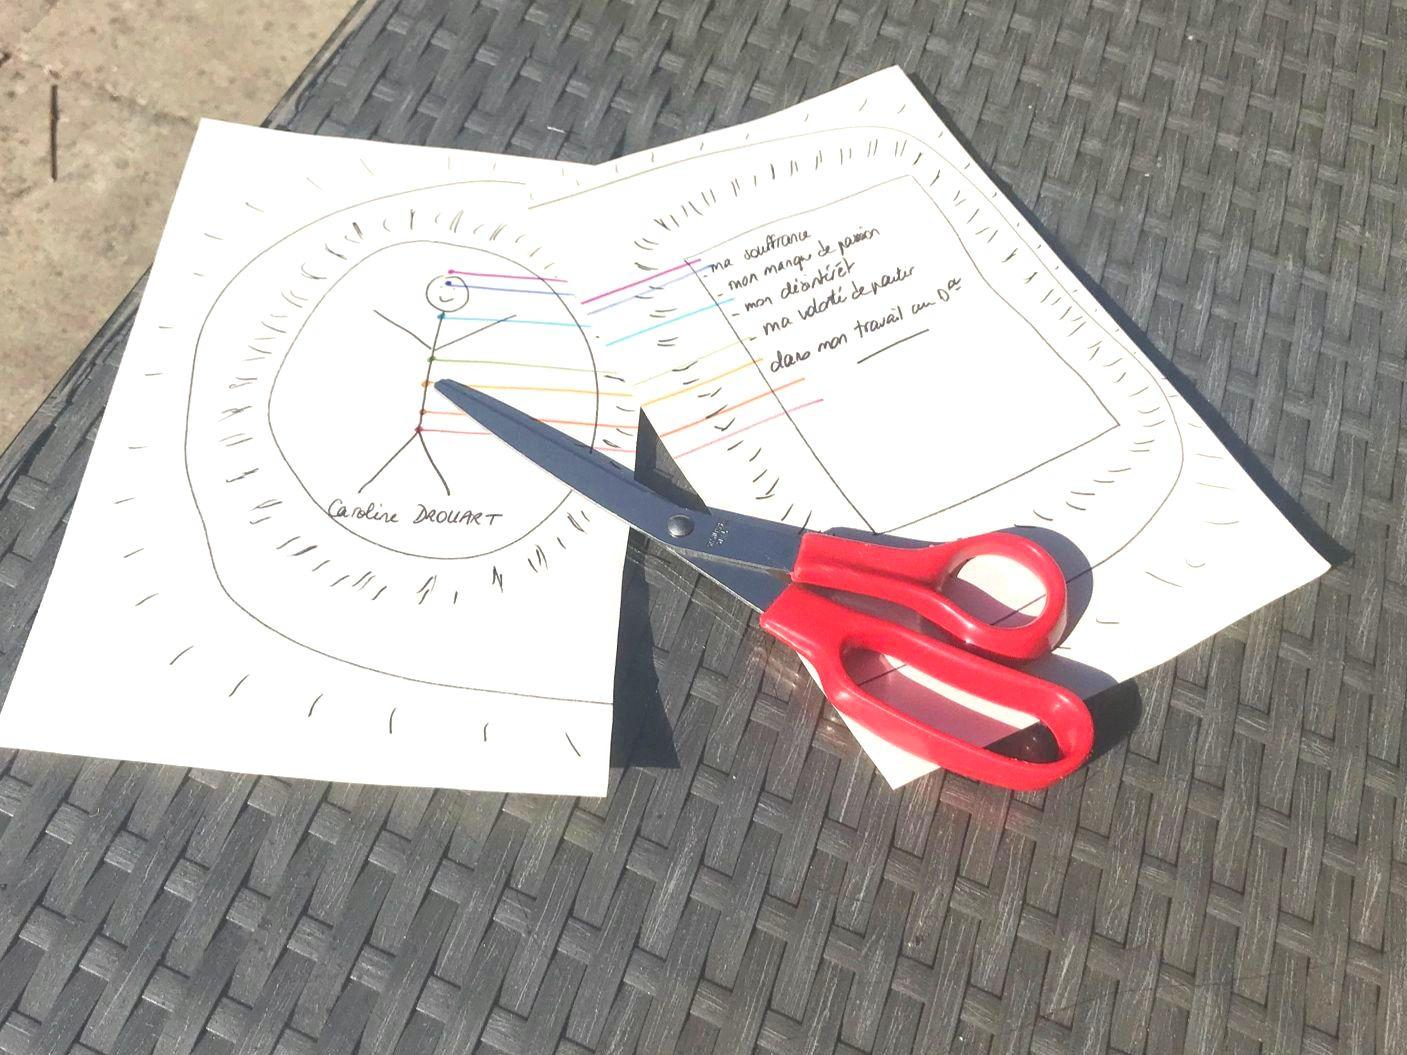 couper les liens toxiques avec la technique des bonhommes allumettes